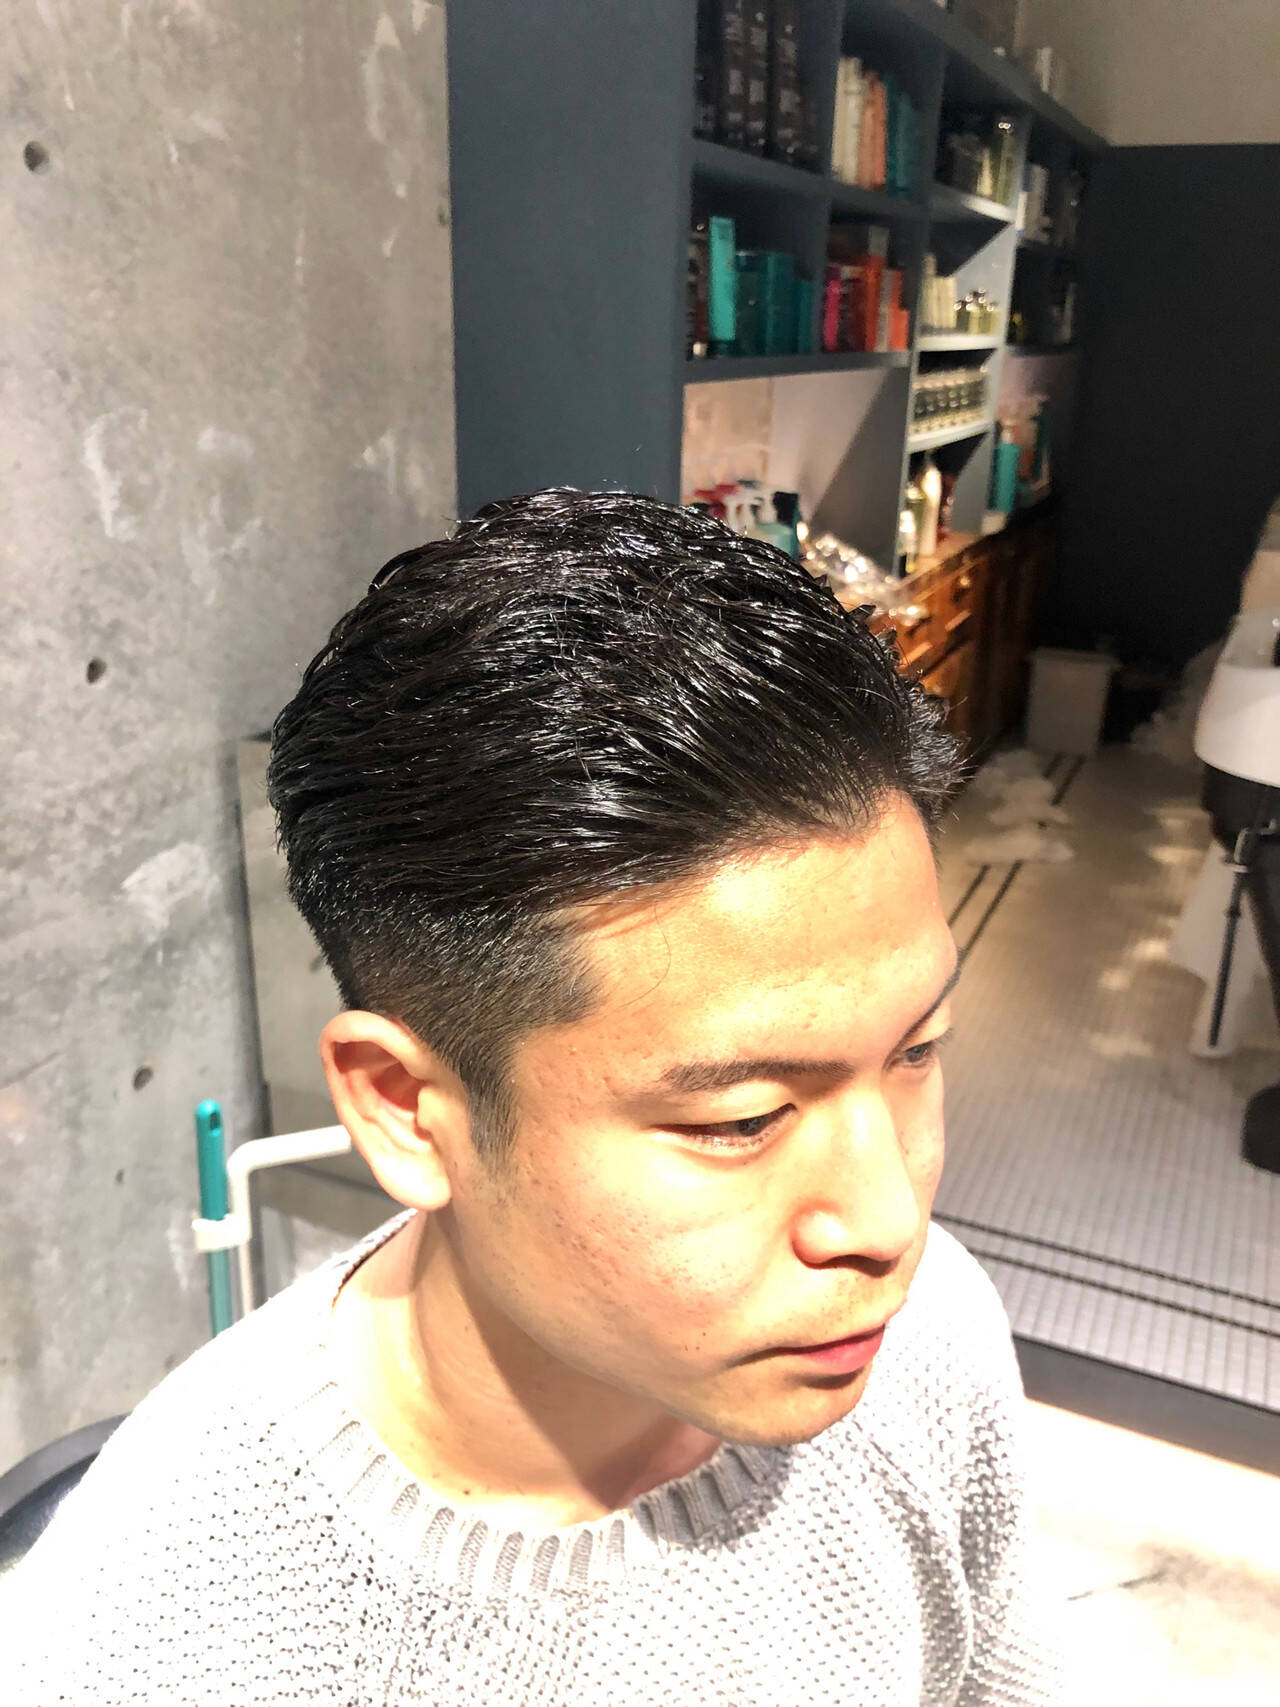 メンズカット ナチュラル メンズ メンズヘアヘアスタイルや髪型の写真・画像